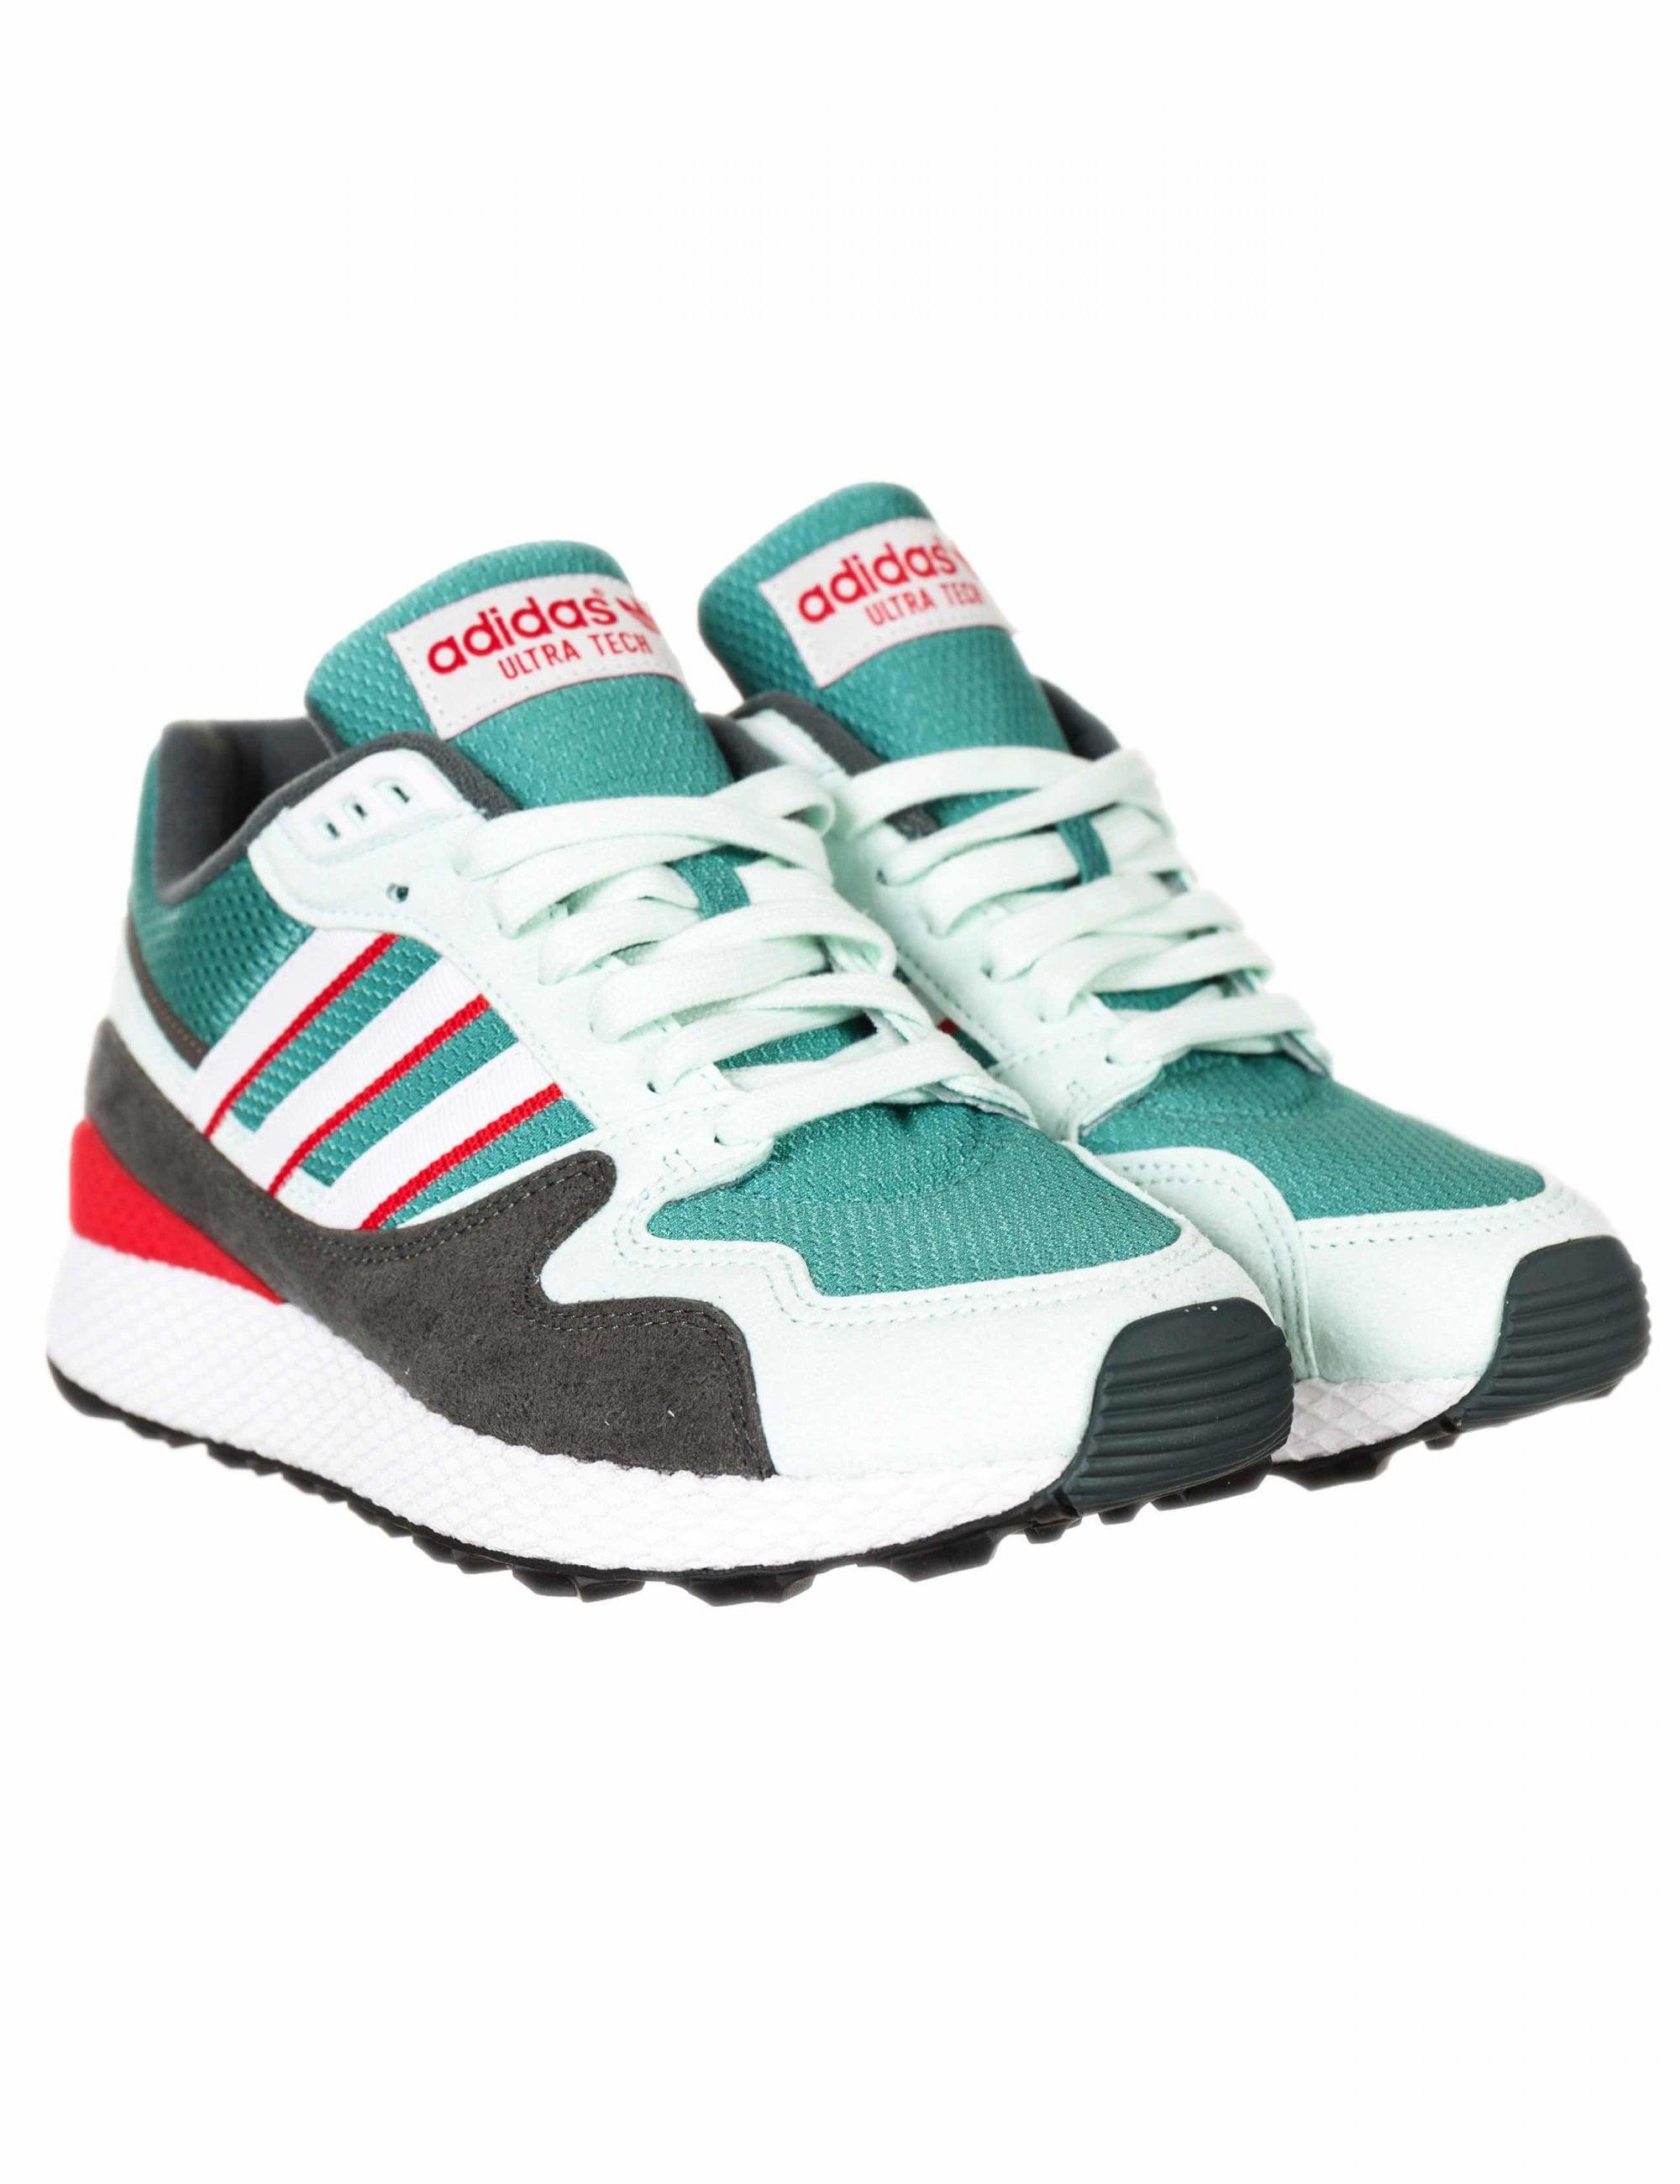 tema Religioso propiedad  Adidas Originals Ultra Tech Trainers - True Green - Footwear from ...